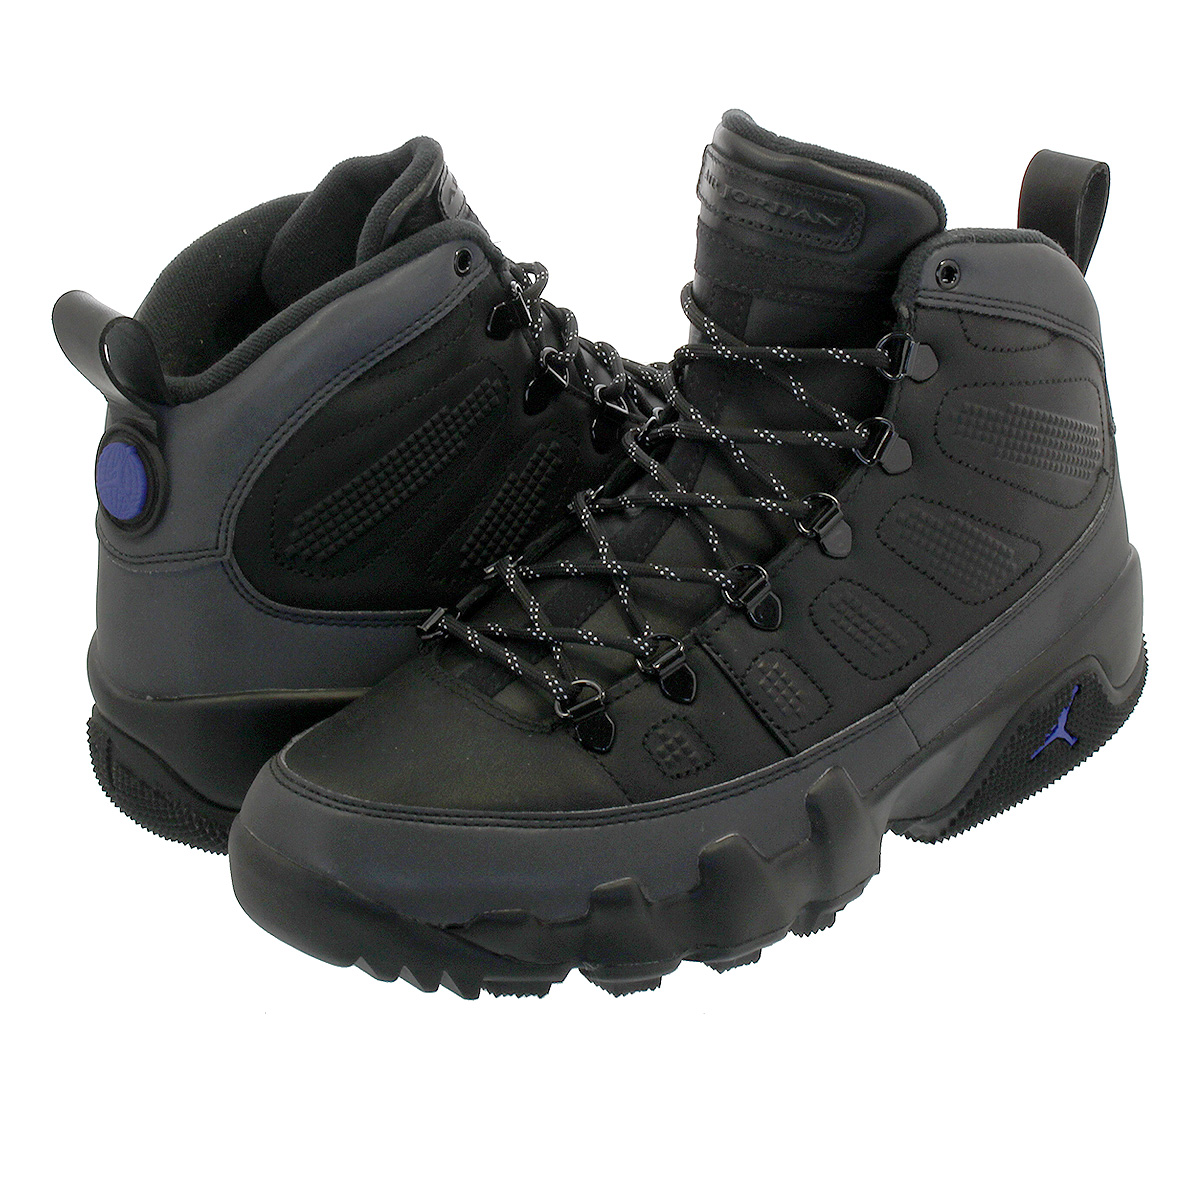 the latest 904af fc993 メンズ スニーカー ブーツ 靴 ブラック 黒 ar4491-001 NIKE AIR JORDAN 9 RETRO NRG ナイキ